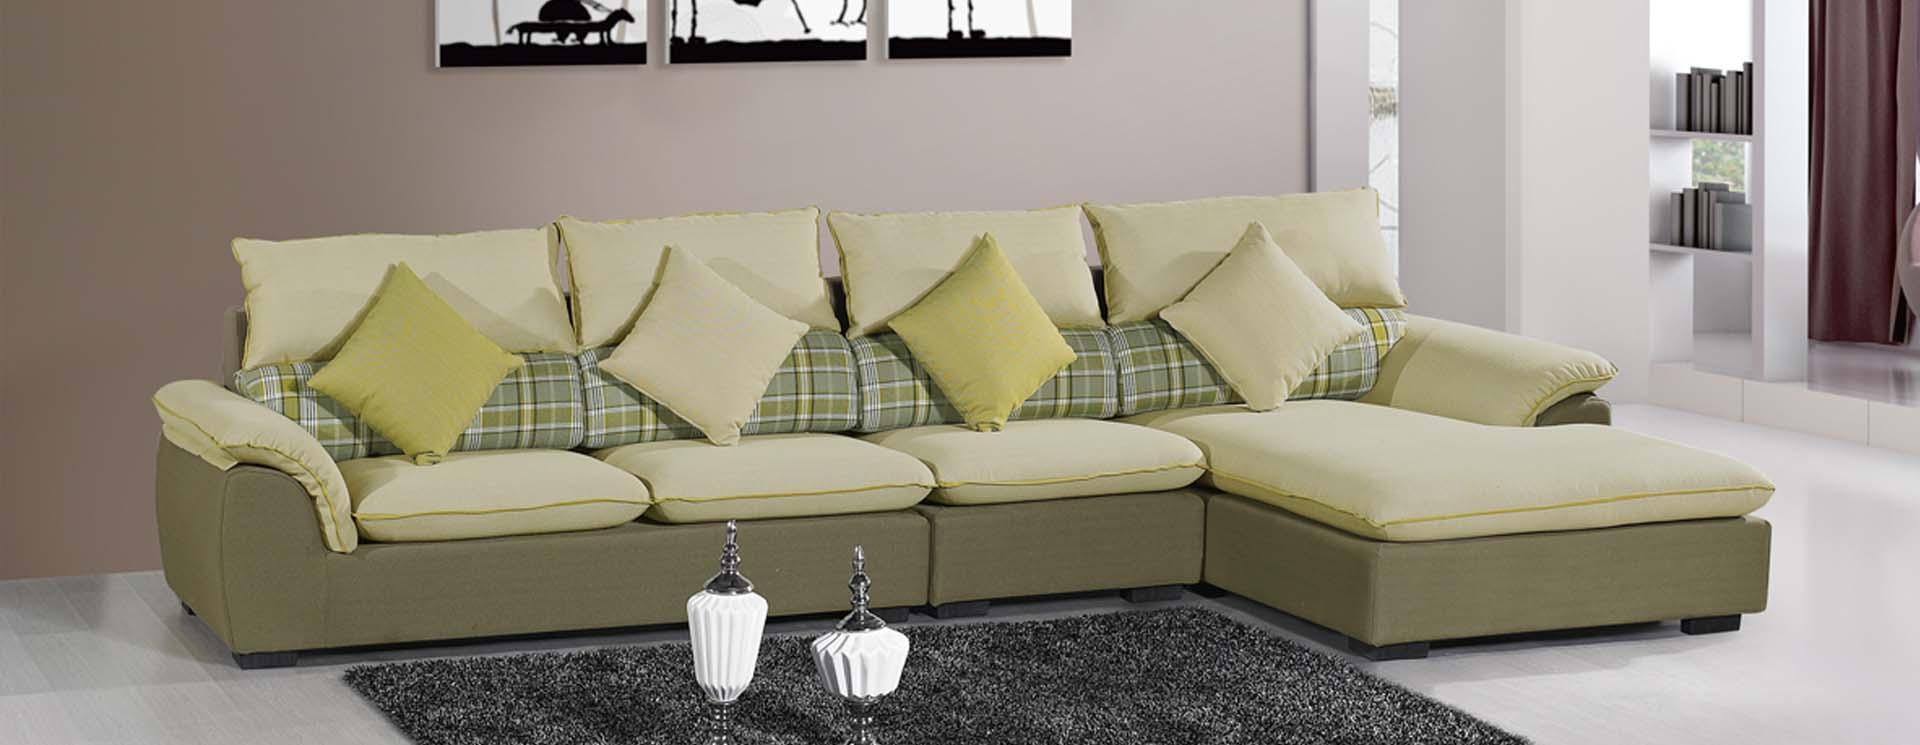 名称:沙发A-1B<br/> 市场价:<font style='color:#999;text-decoration:line-through;'>¥0</font><br />全国统一零售价:<font color='Red'>¥0.0</font>